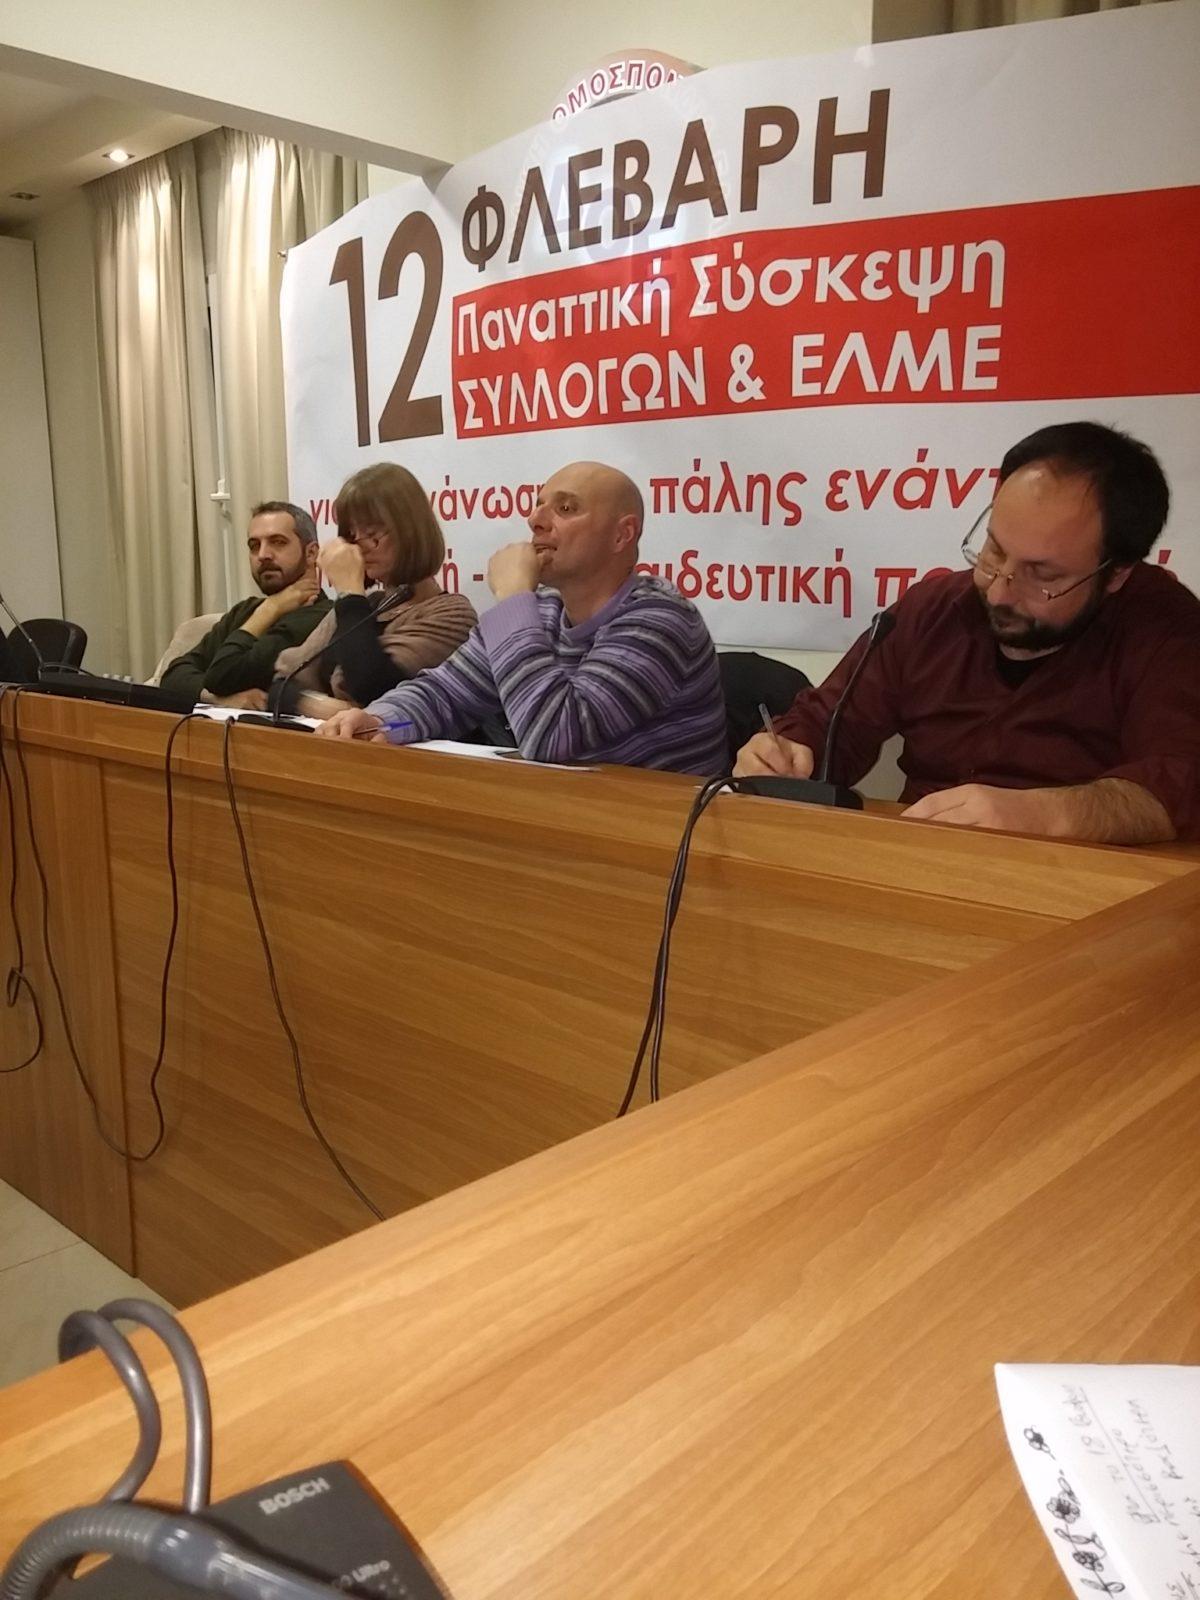 Δελτίο τύπου για την Παναττική σύσκεψη ΣΥΛΛΟΓΩΝ και ΕΛΜΕ που πραγματοποιήθηκε στις 12 Φλεβάρη